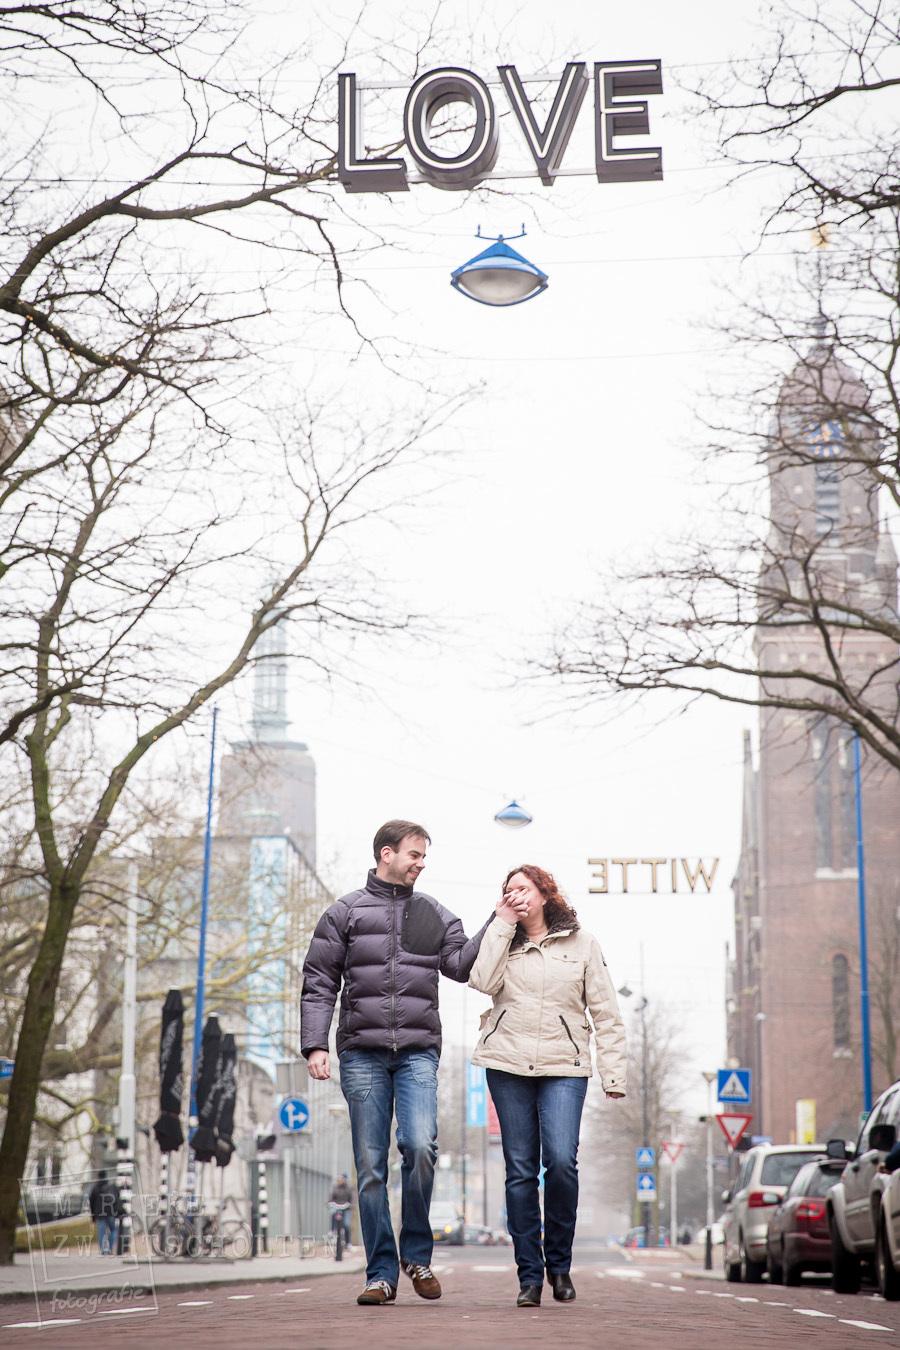 loveshoot Rotterdam Erasmusbrug - Marieke Zwartscholten fotografie - blog - 006